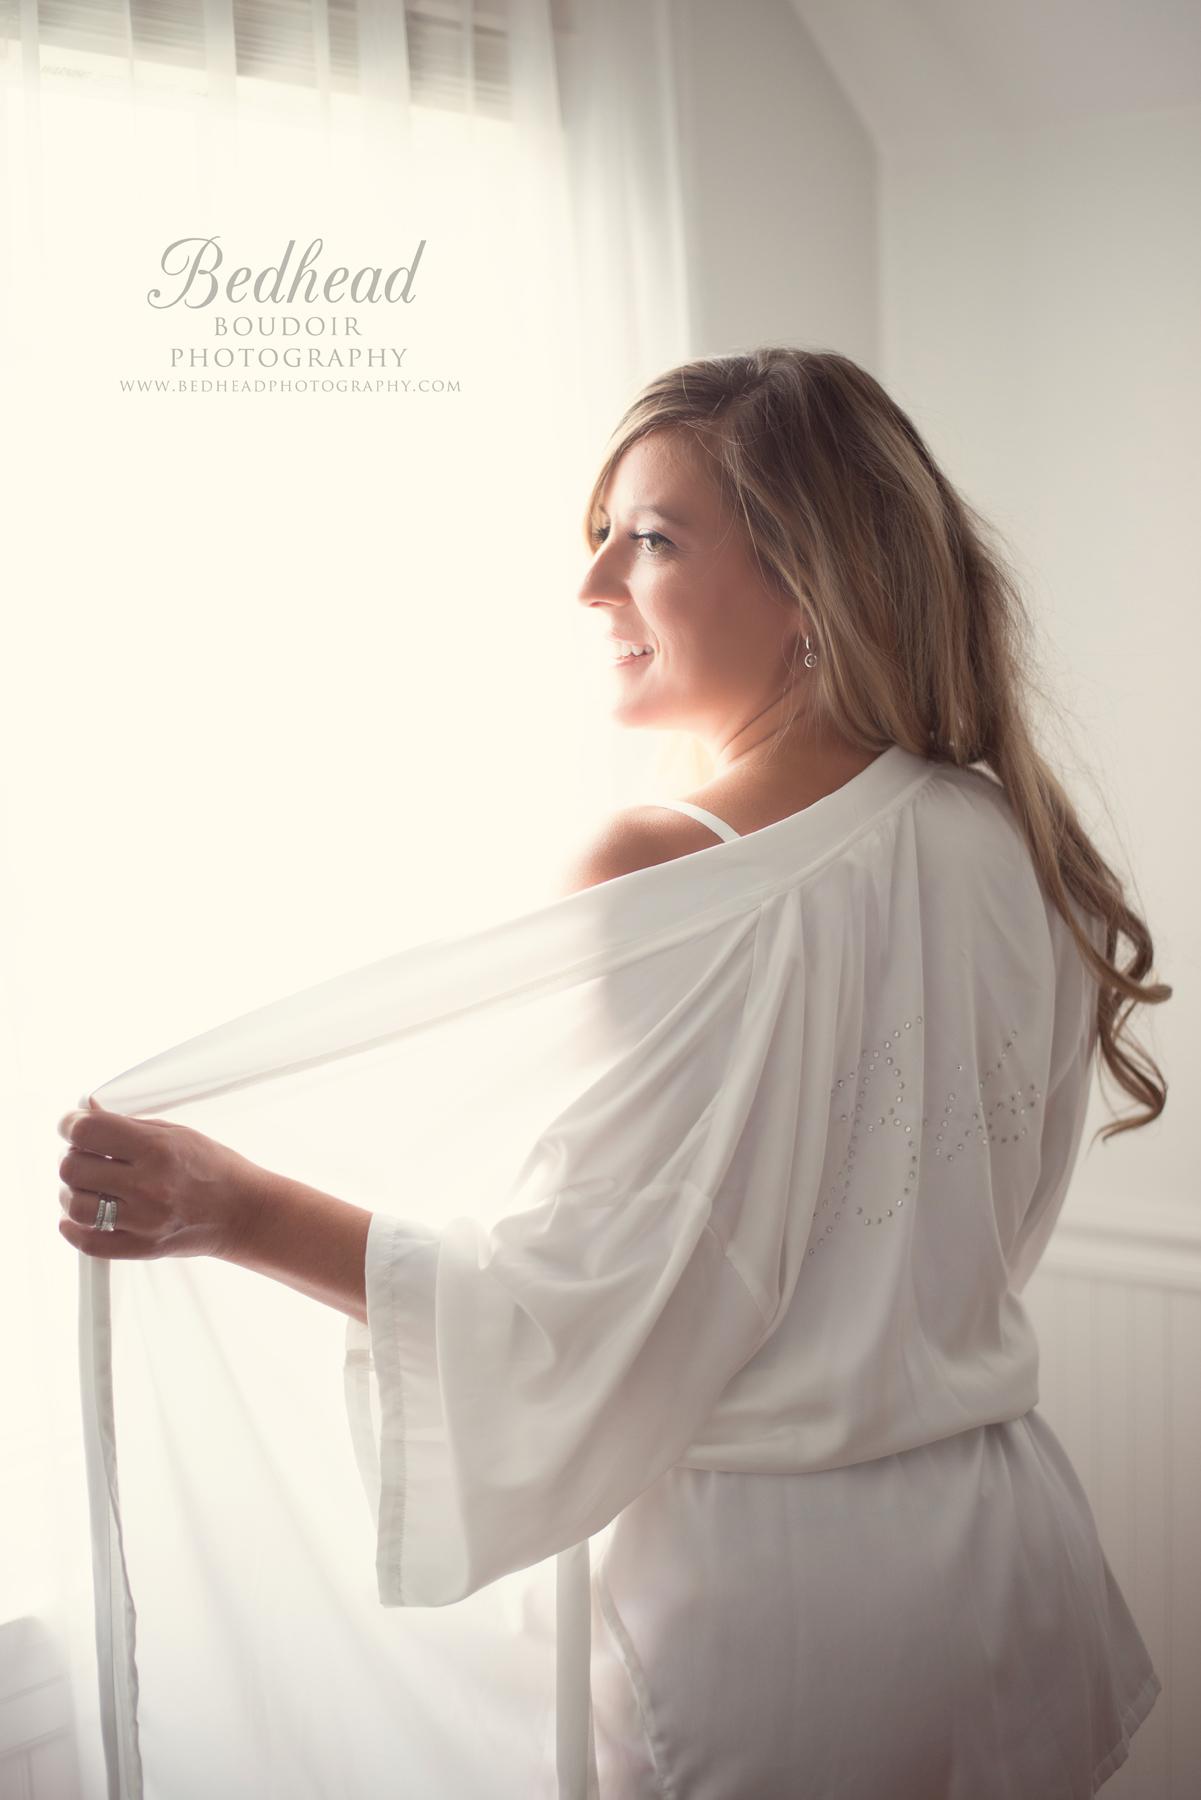 bedhead_boudoir_photography_winnetka